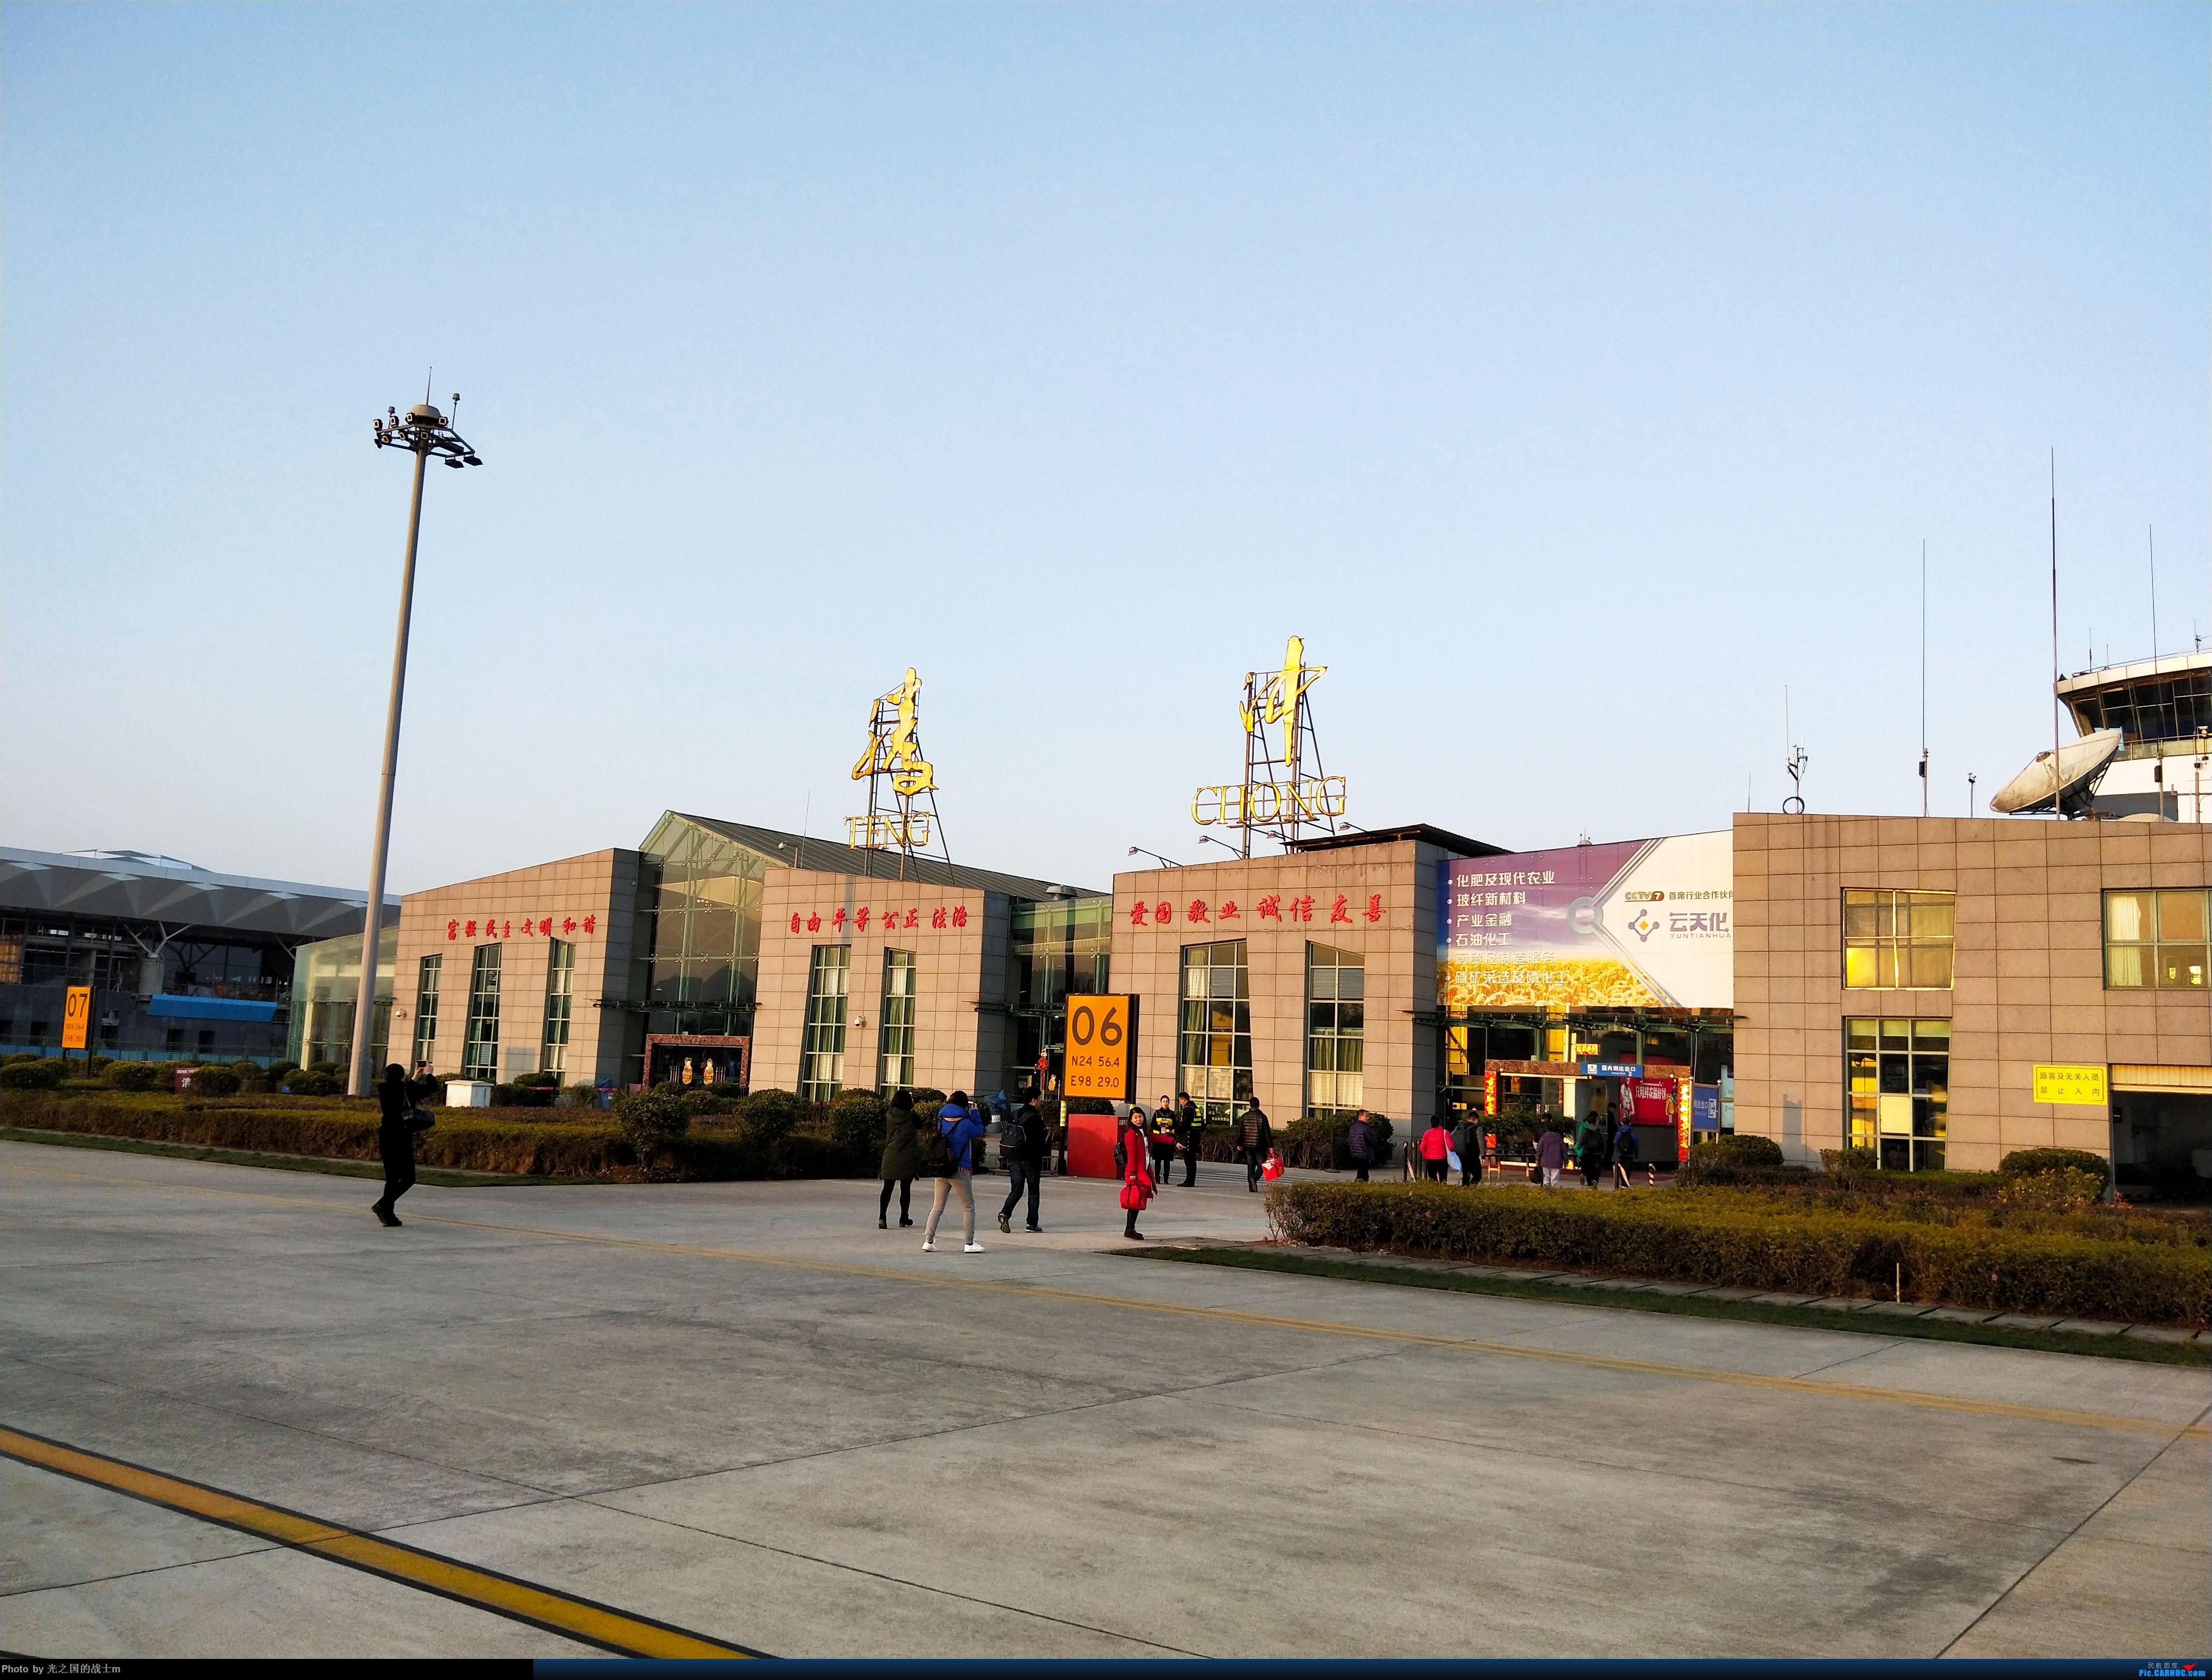 Re:[原创]【光之国m游记】由春城飞往极边之城腾冲,体验不一样的短途航线    中国腾冲驼峰机场